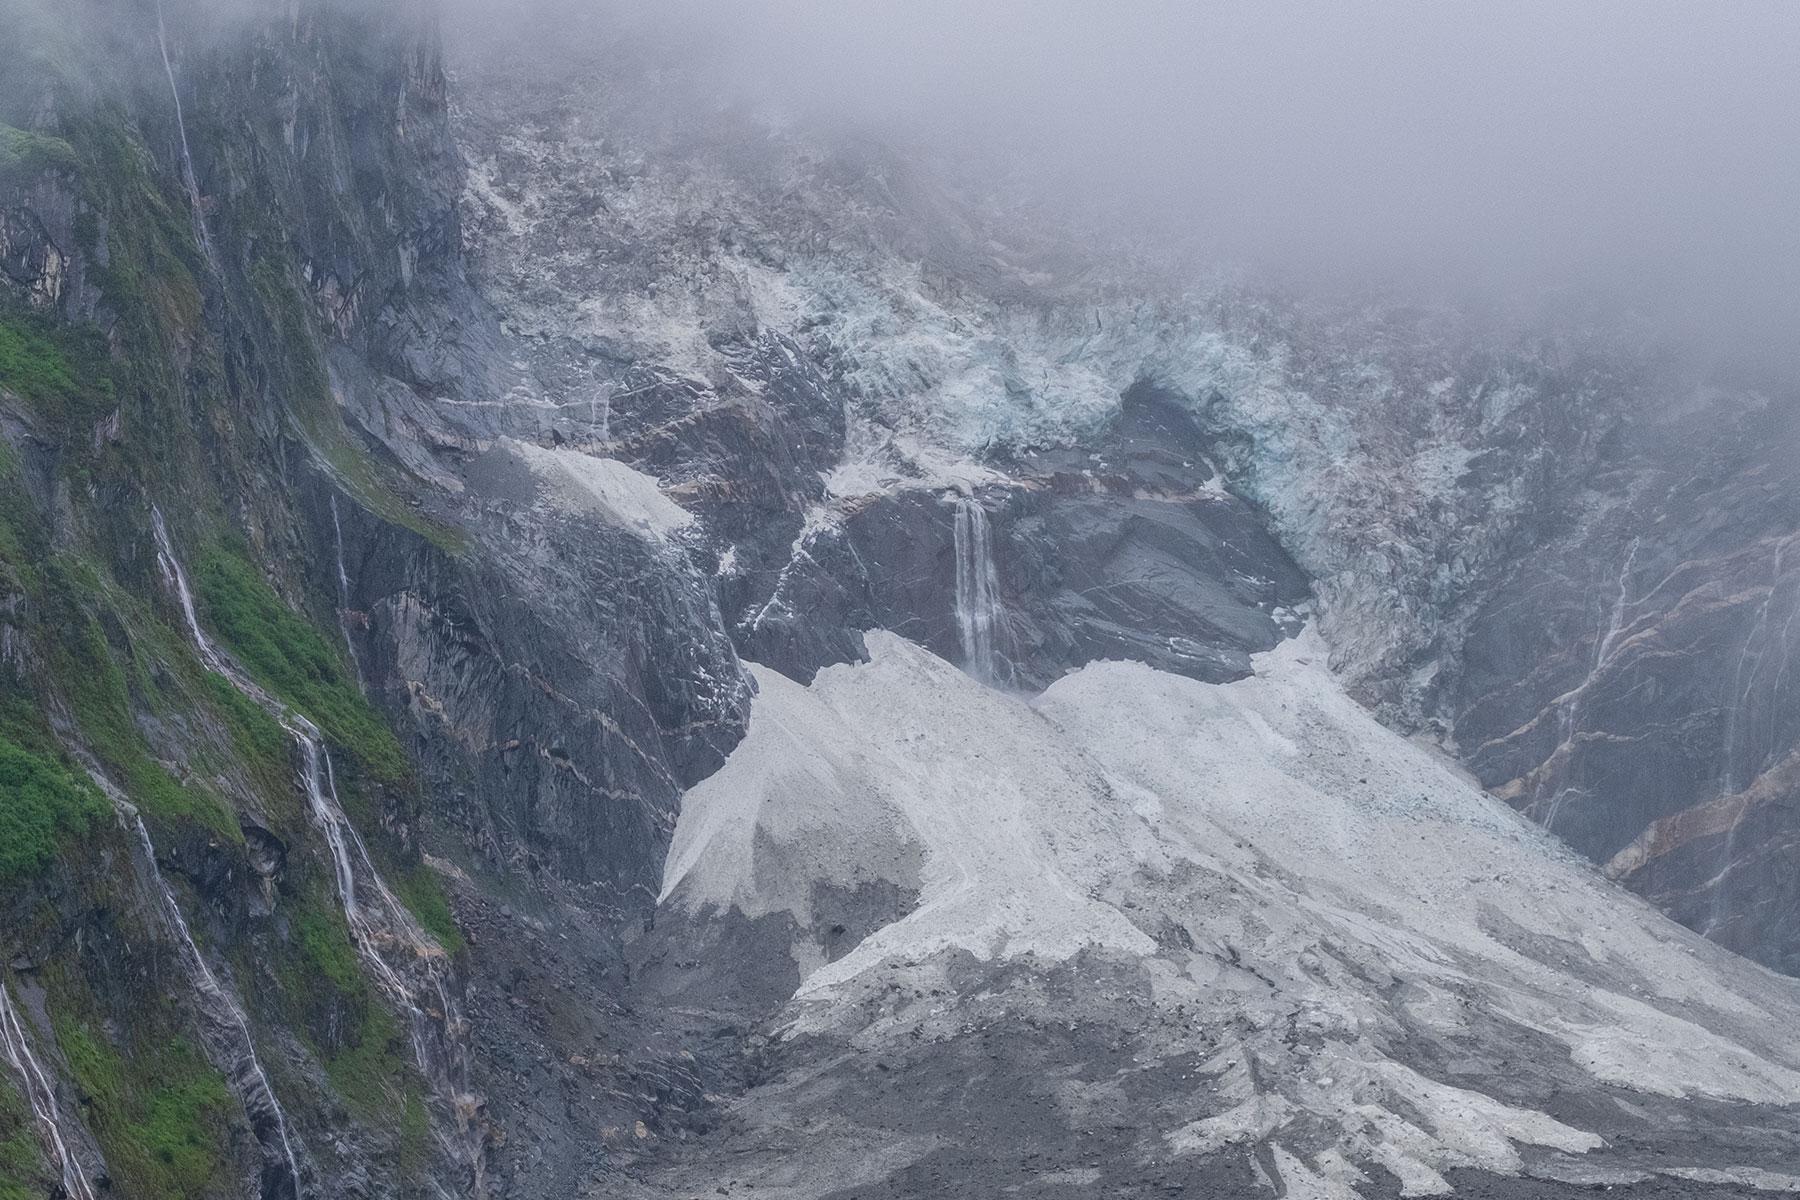 Gletscher im Vogel im Hailuogou Gletscher Park in Sichuan